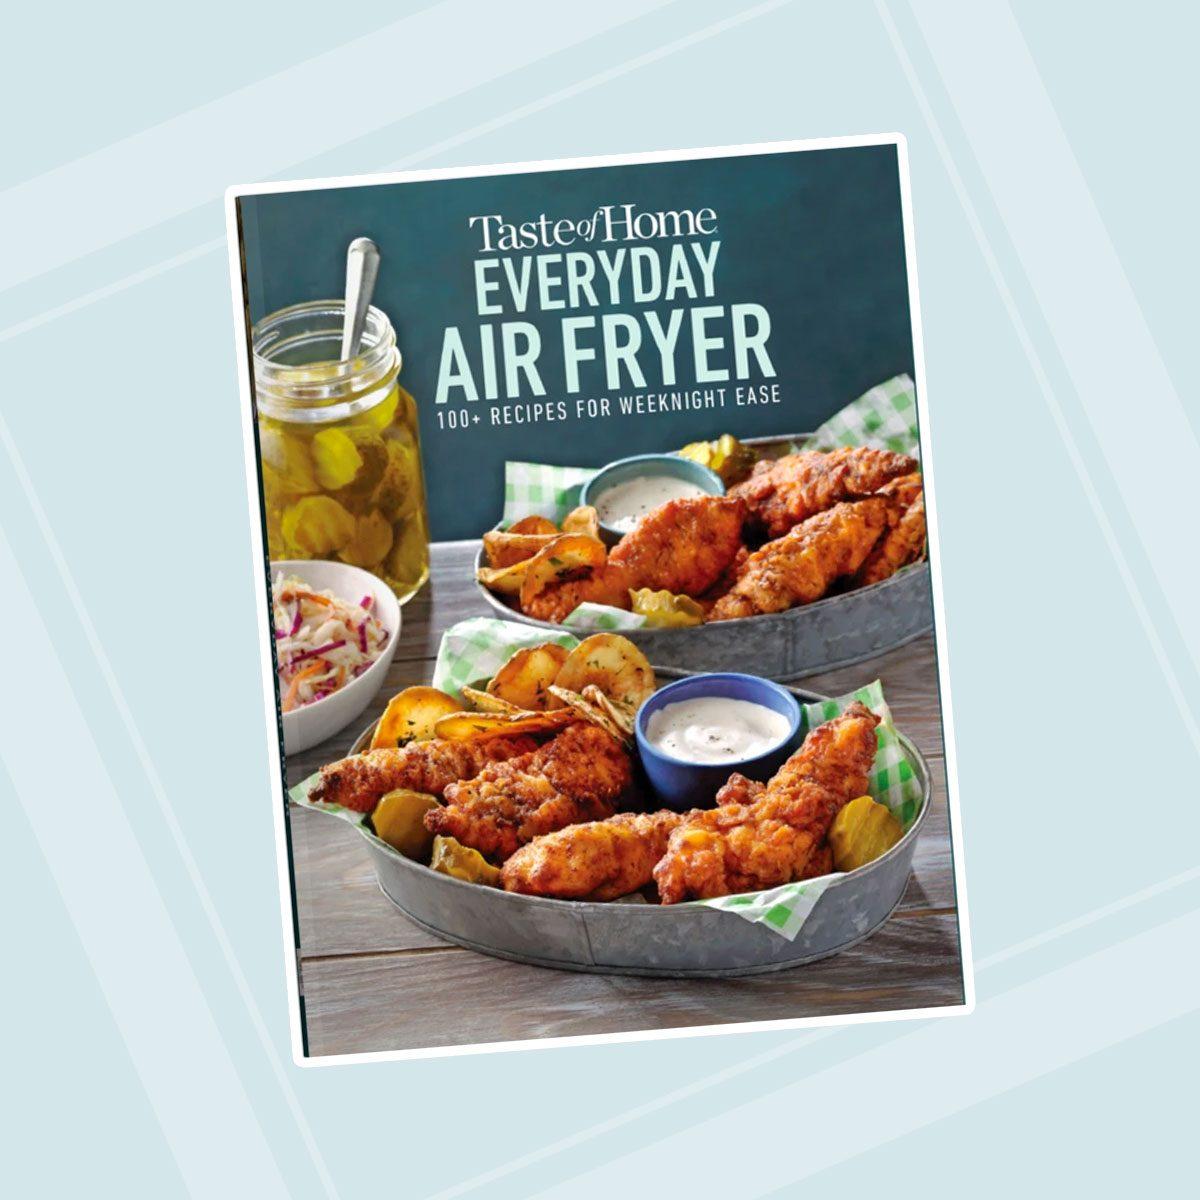 Everyday Air Fryer